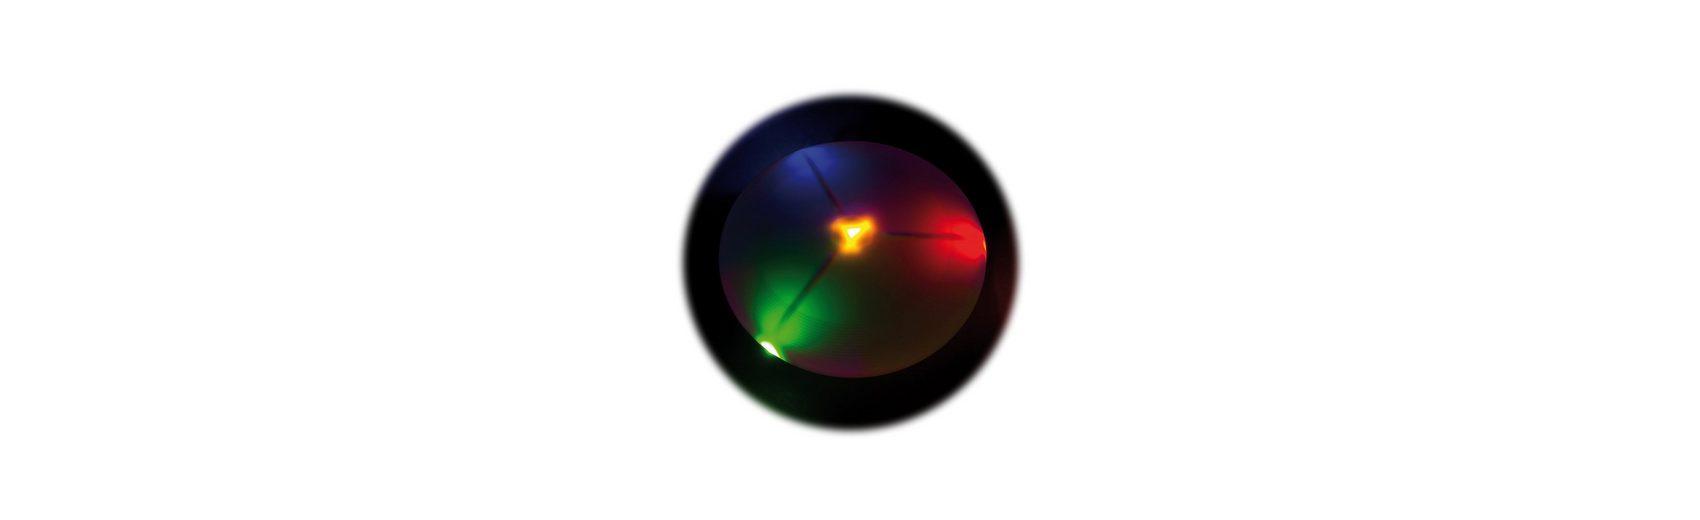 LED Wurfscheibe leuchtend